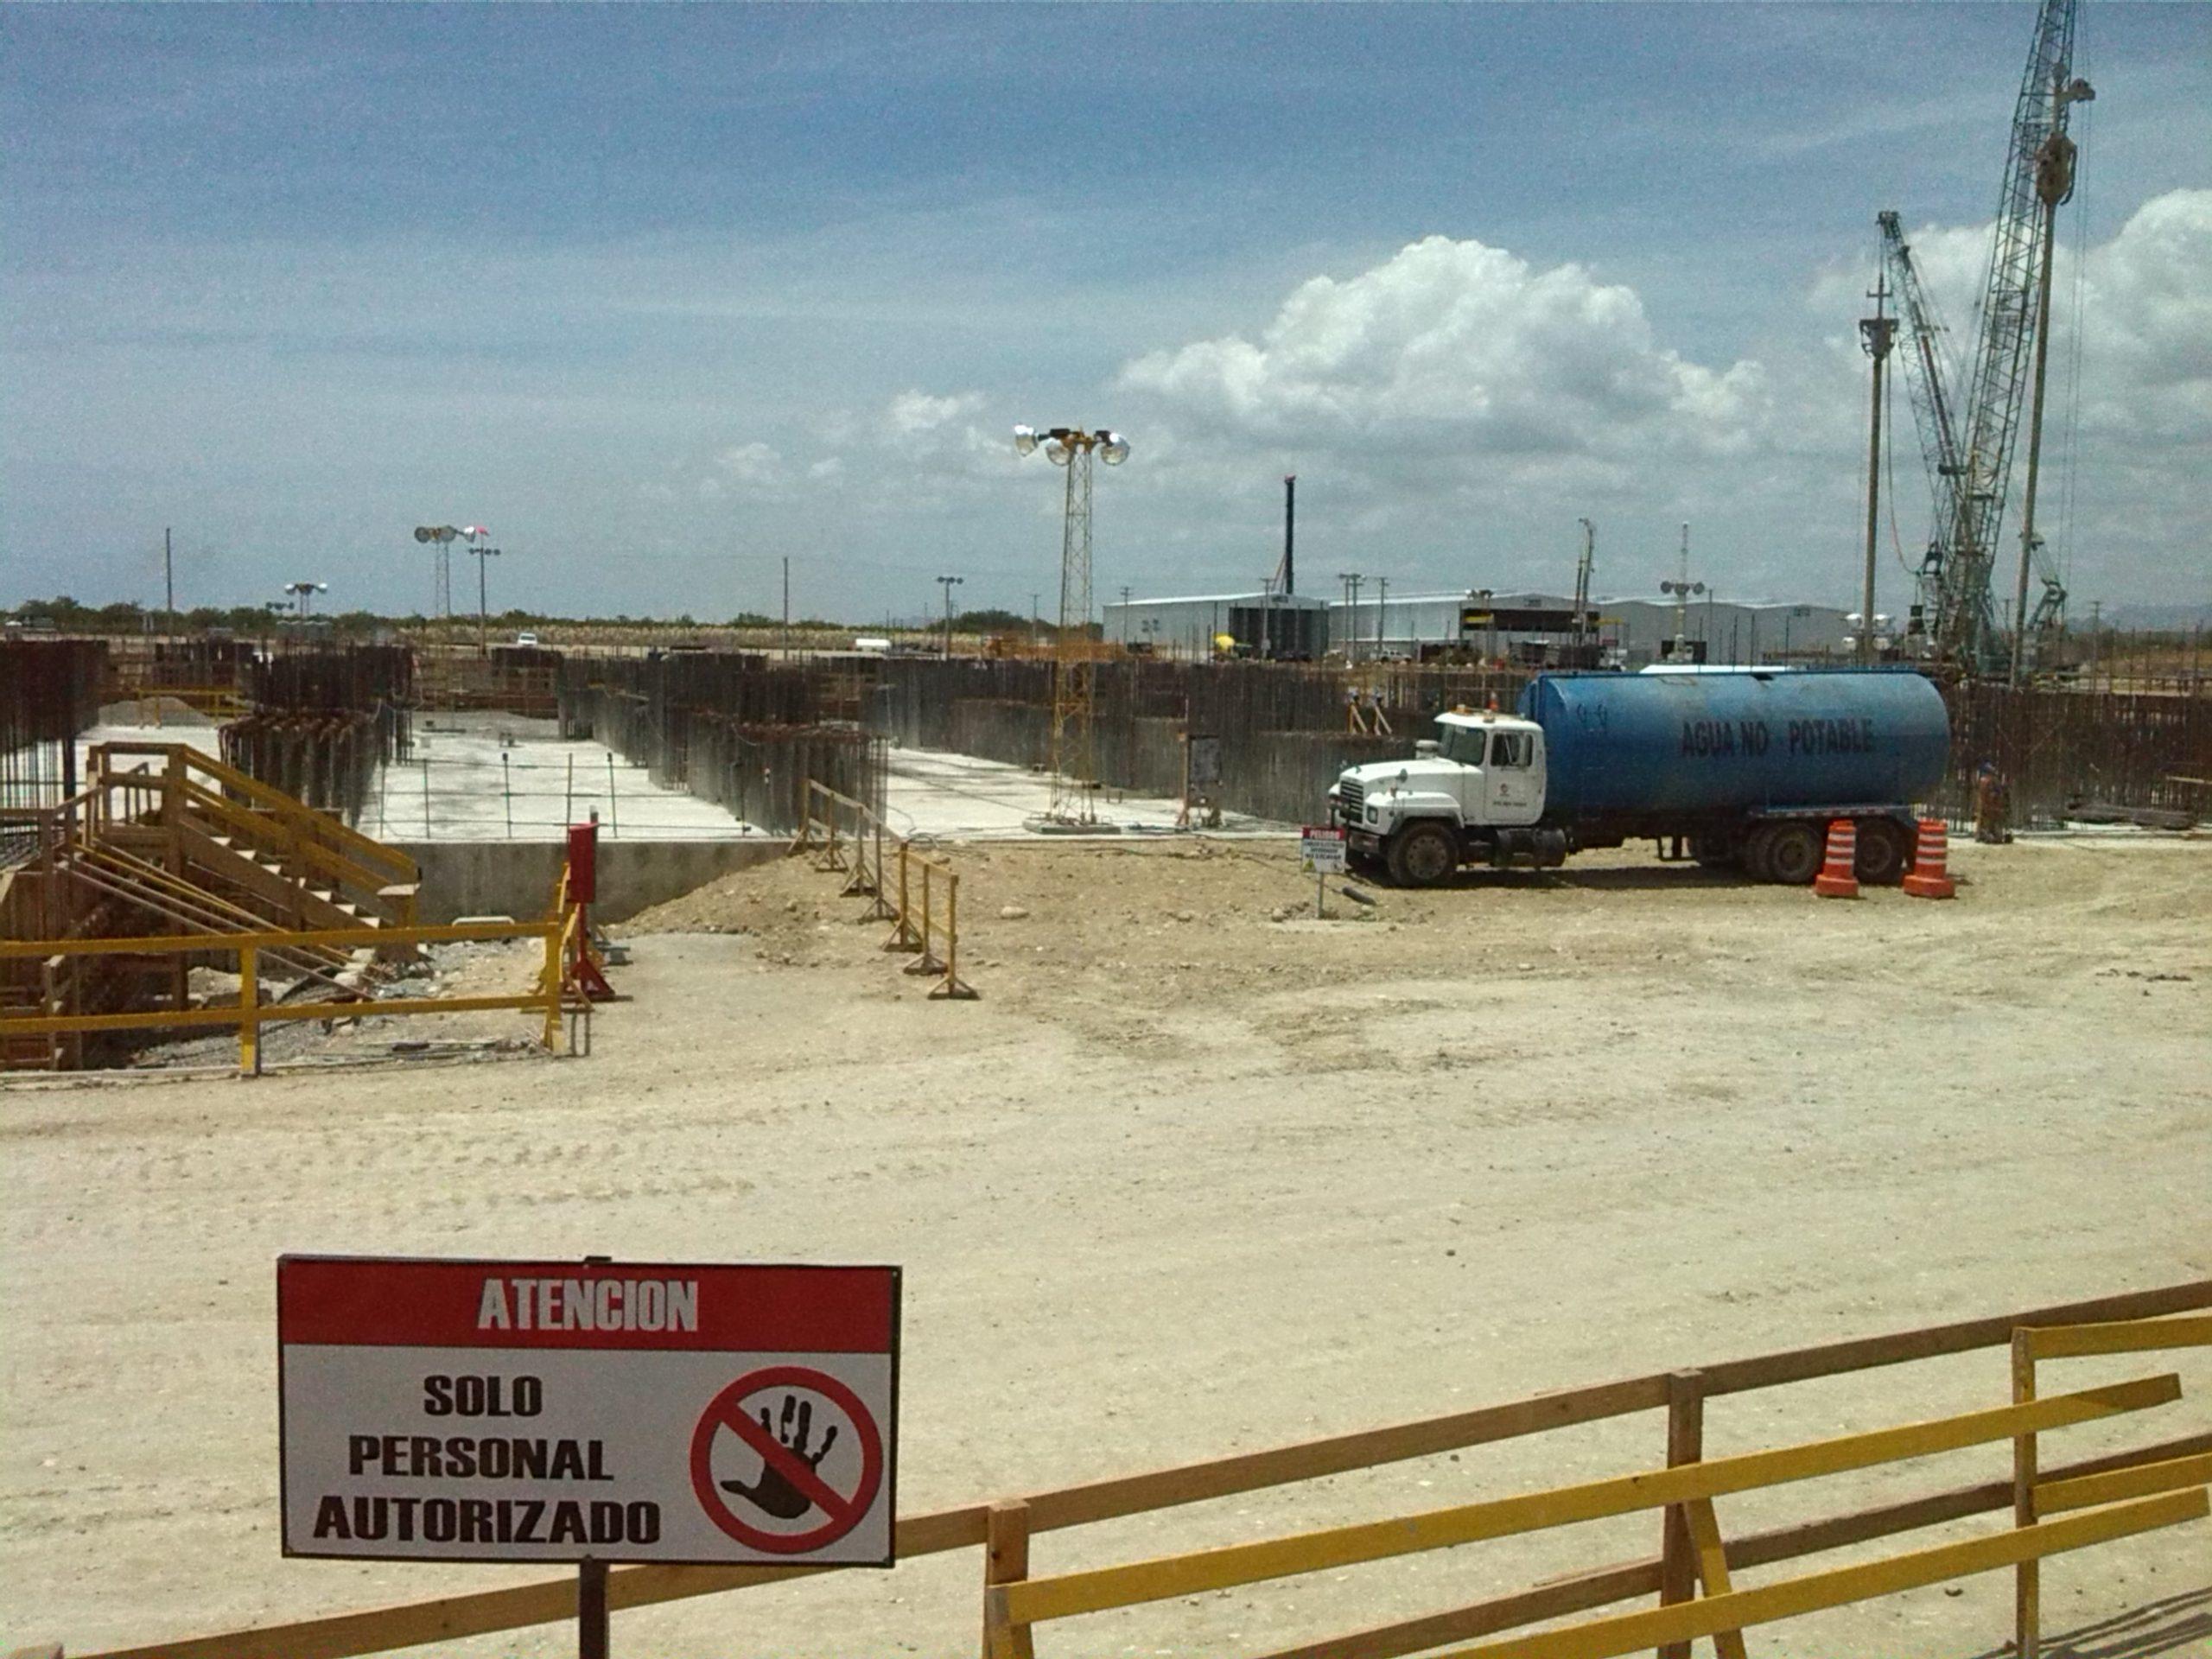 Las labores de ingeniería se concentran en terminar la plataforma en donde serán instaladas las turbinas y calderas de las centrales energéticas.